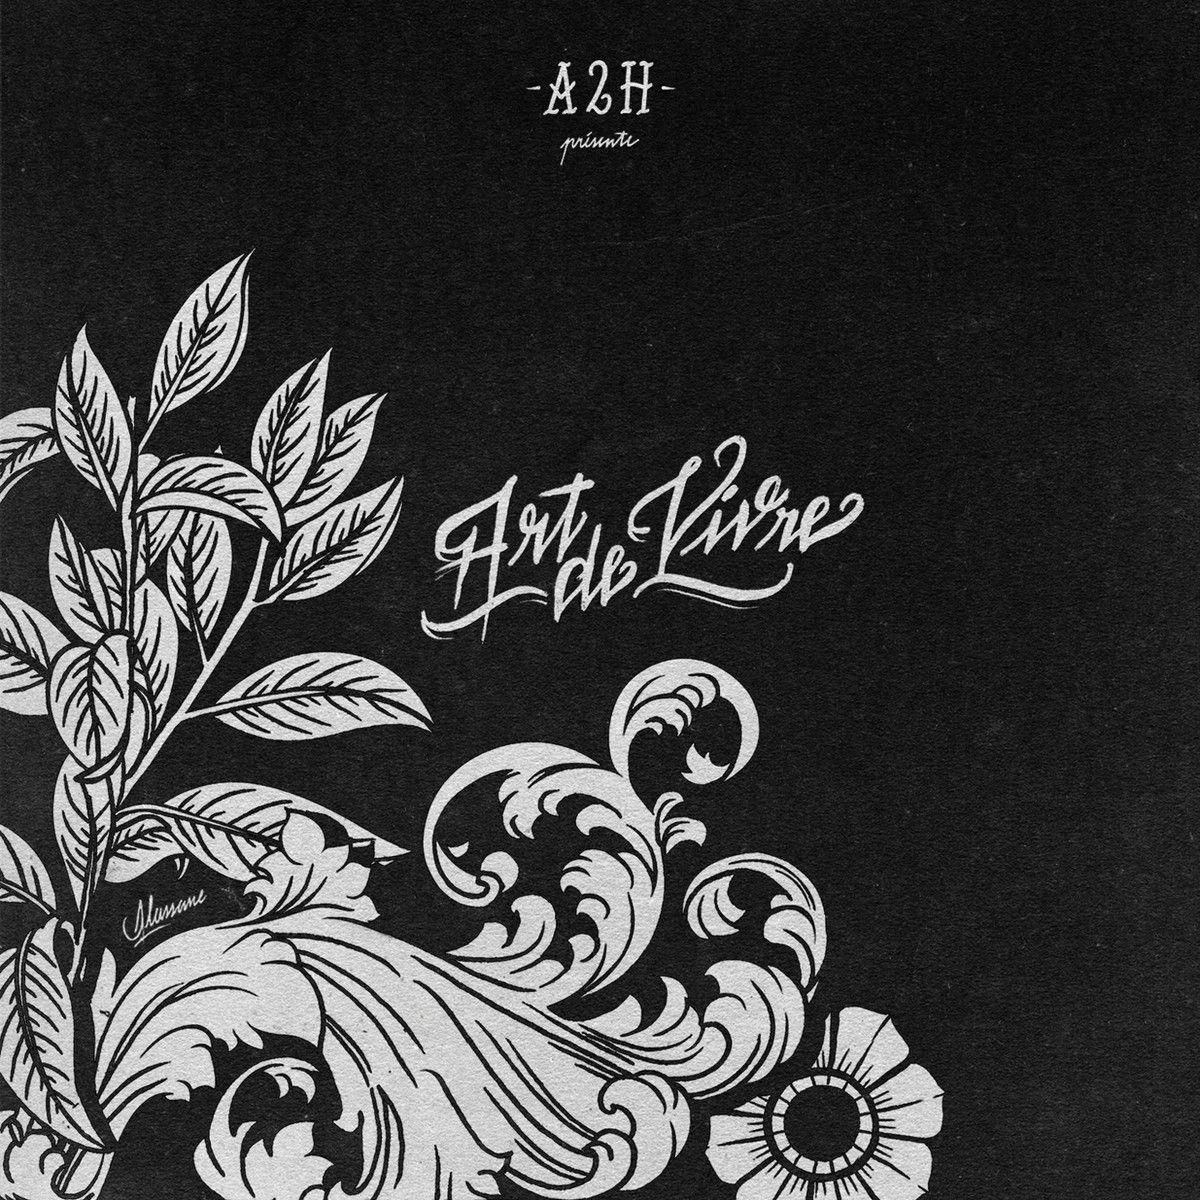 A2H - Art de vivre